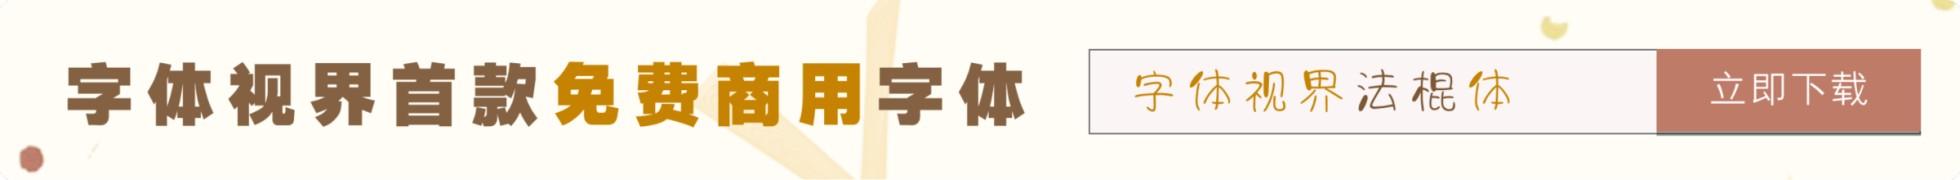 公益字体活动-字体视界